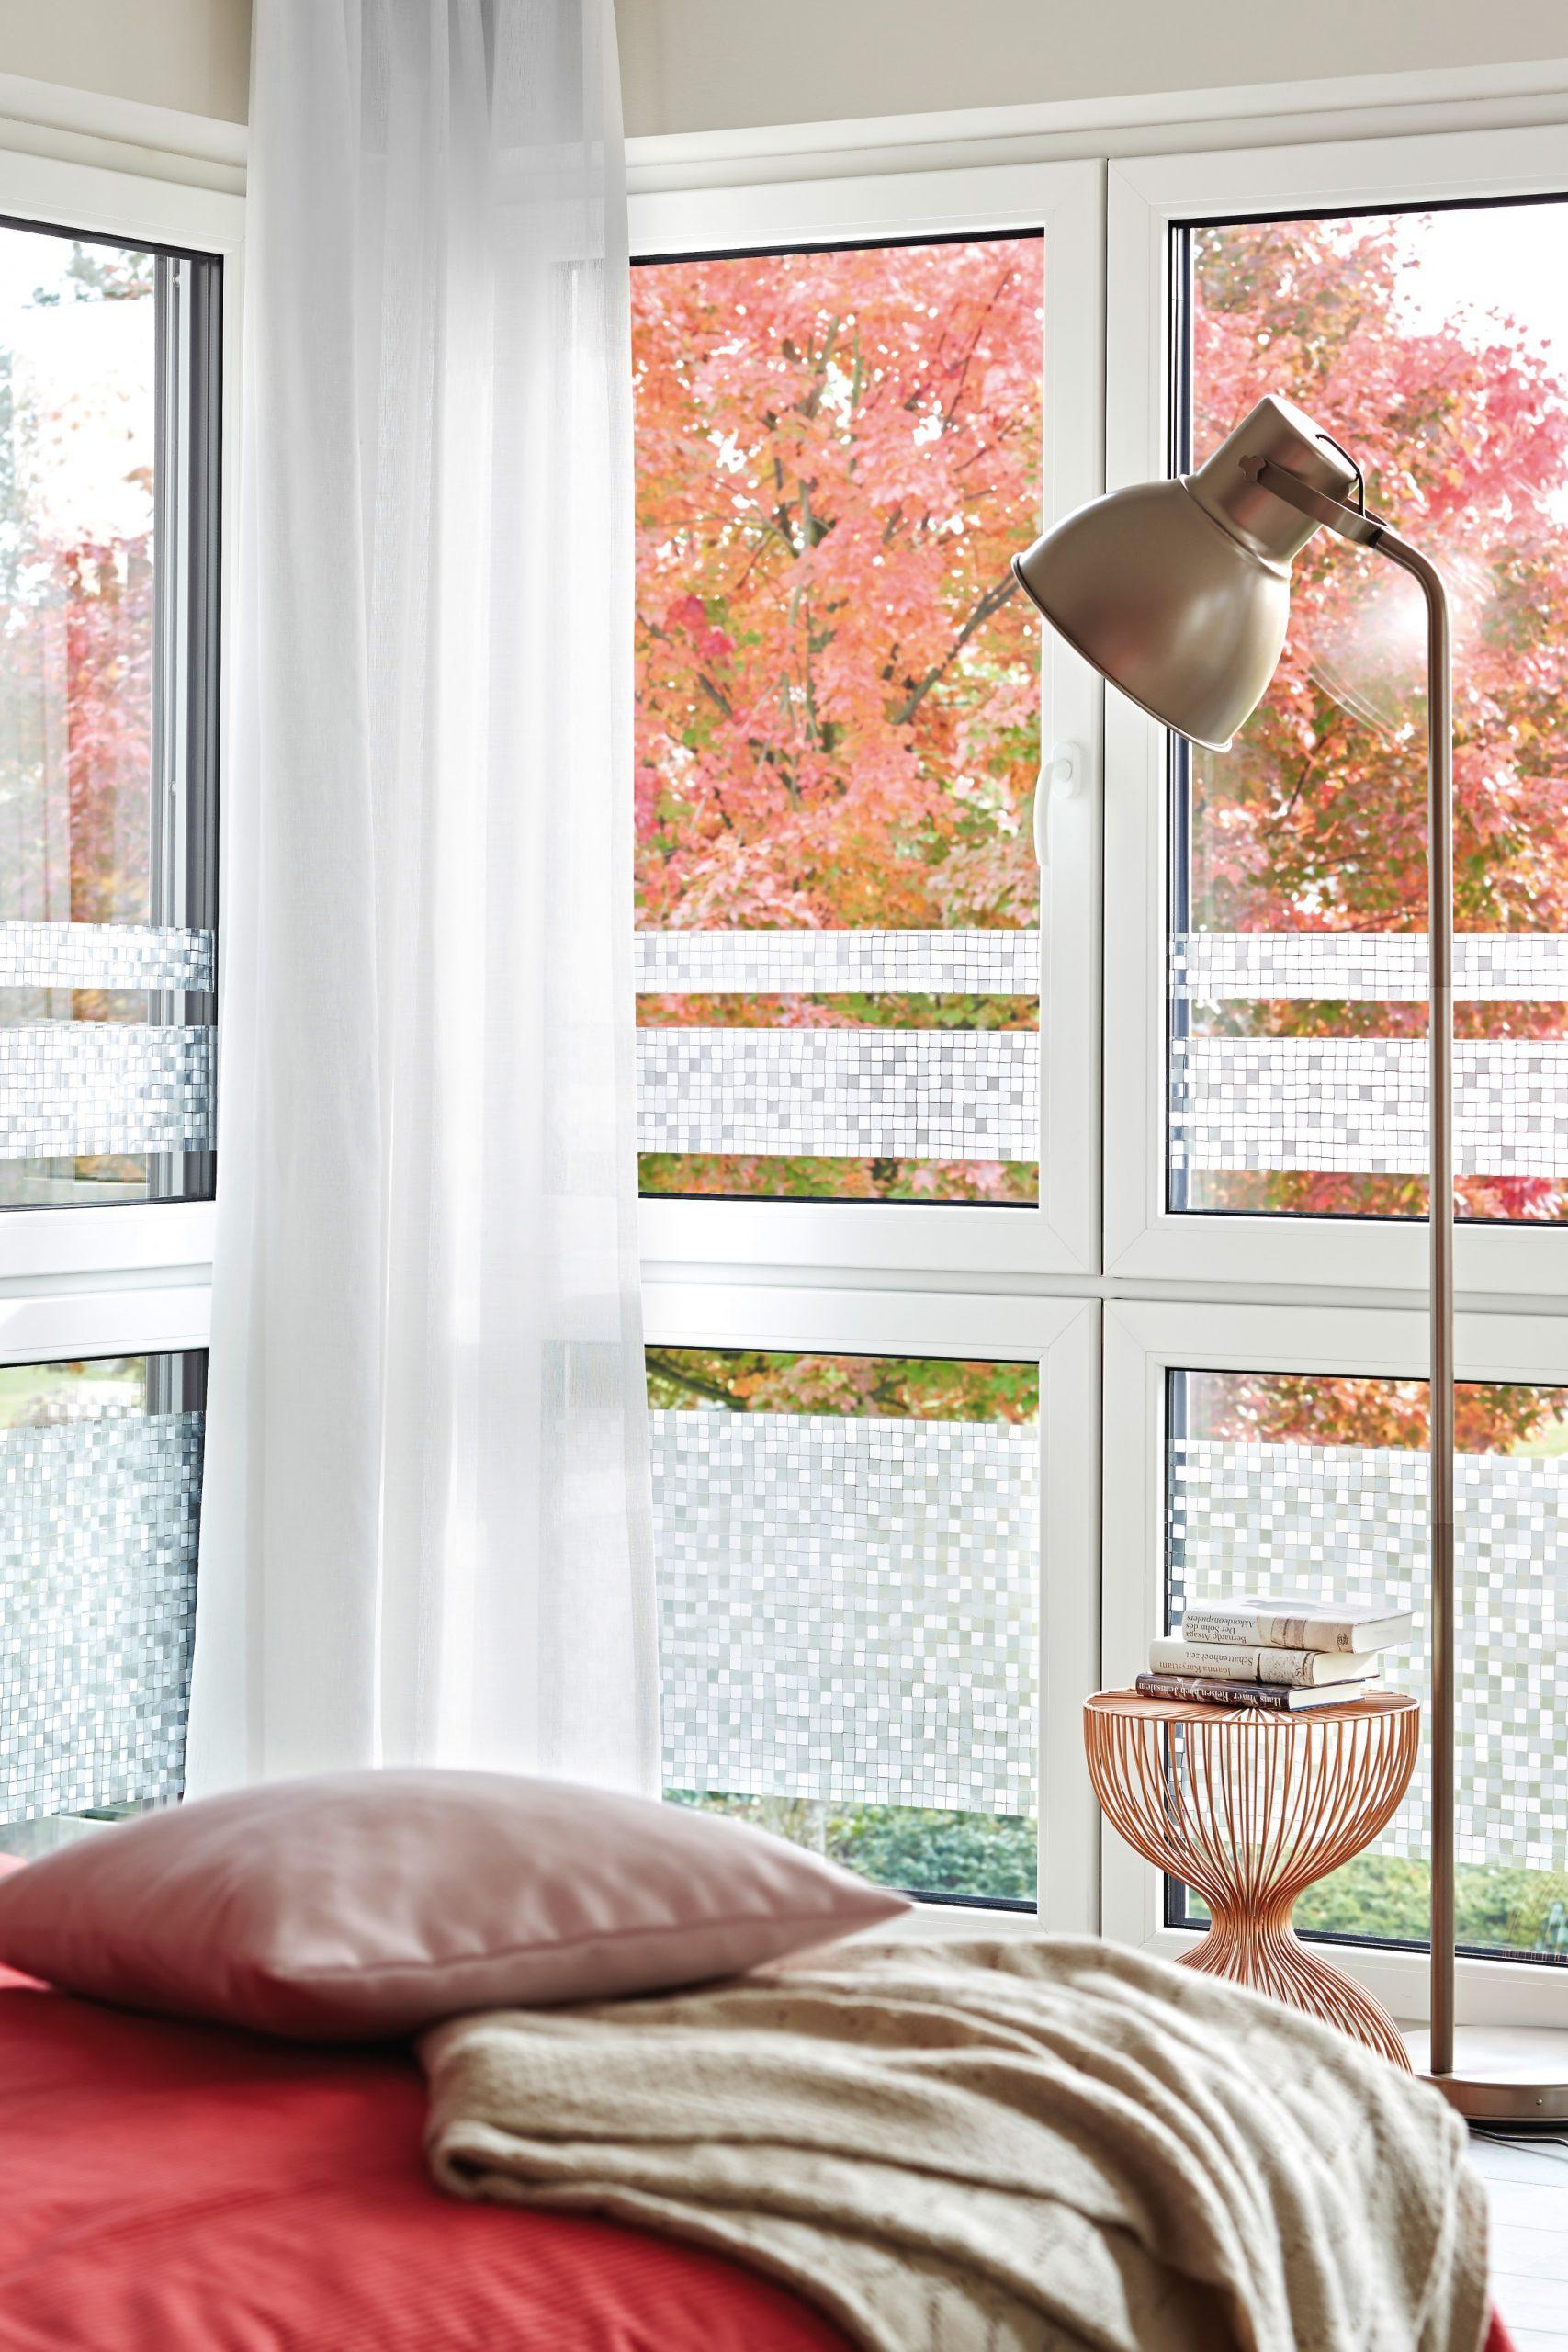 Full Size of Fensterklebefolie Anbringen In 5 Schritten Obi Aluminium Fenster Roro Türen Weru Alte Kaufen Regale Für Dachschrägen Drutex Sichtschutzfolie Einseitig Fenster Klebefolie Für Fenster